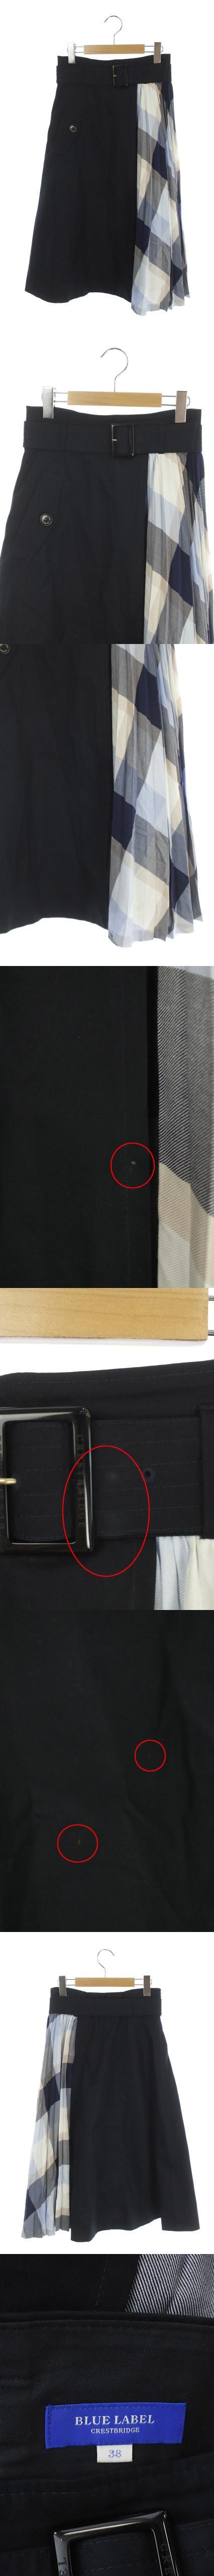 スカート ロング プリーツ チェック 切替 ベルト付き 38 紺 青 /YS ■OS